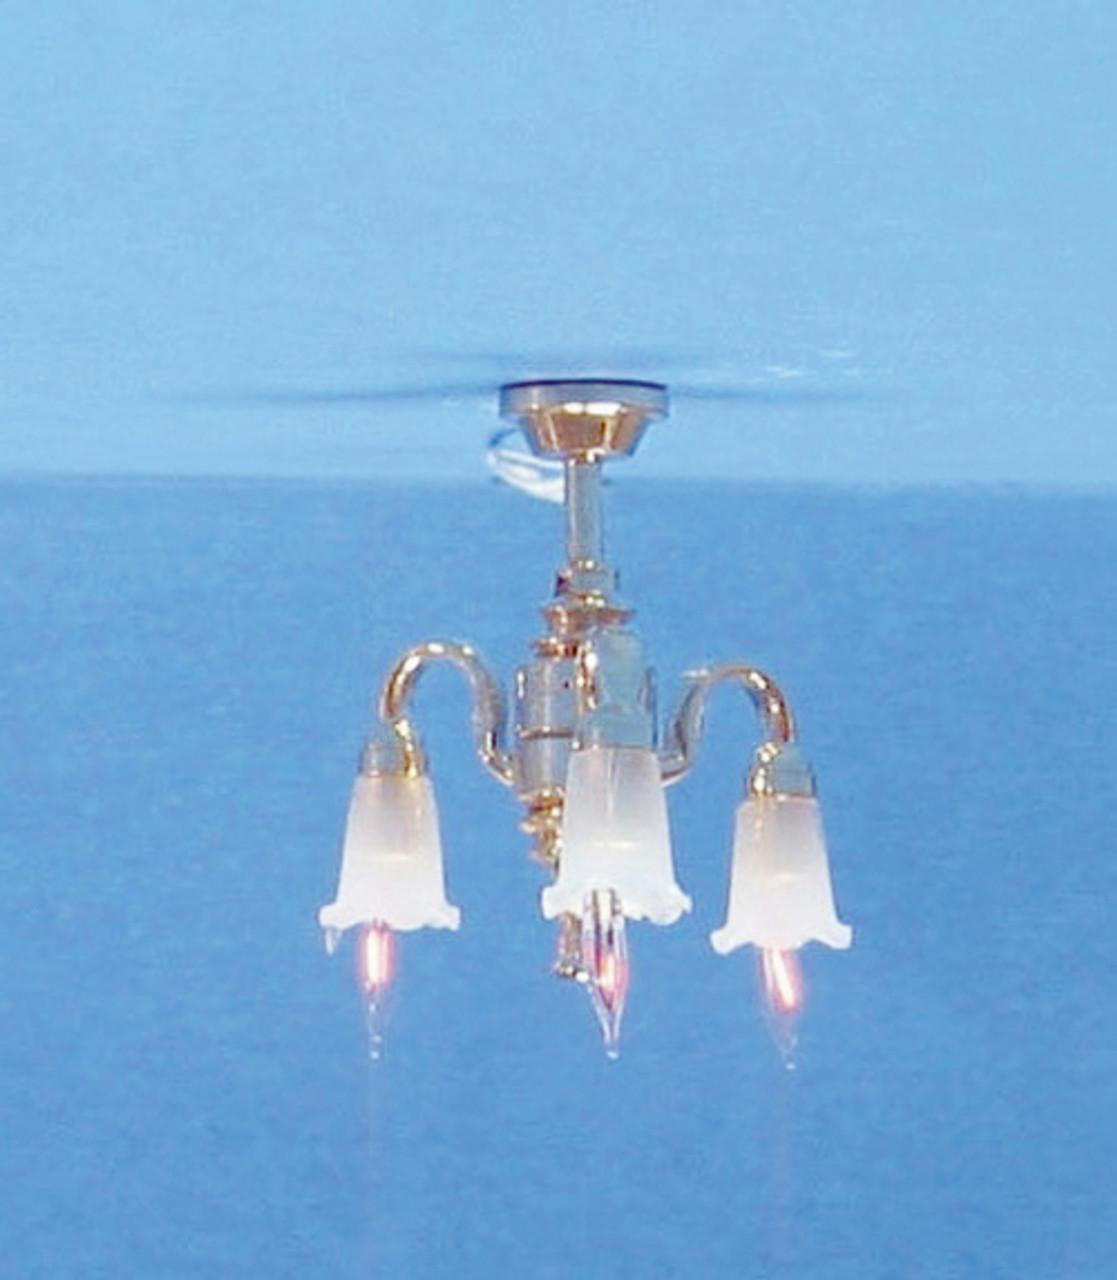 Dollhouse City - Dollhouse Miniatures 3-Down Arm Tulip Chandelier